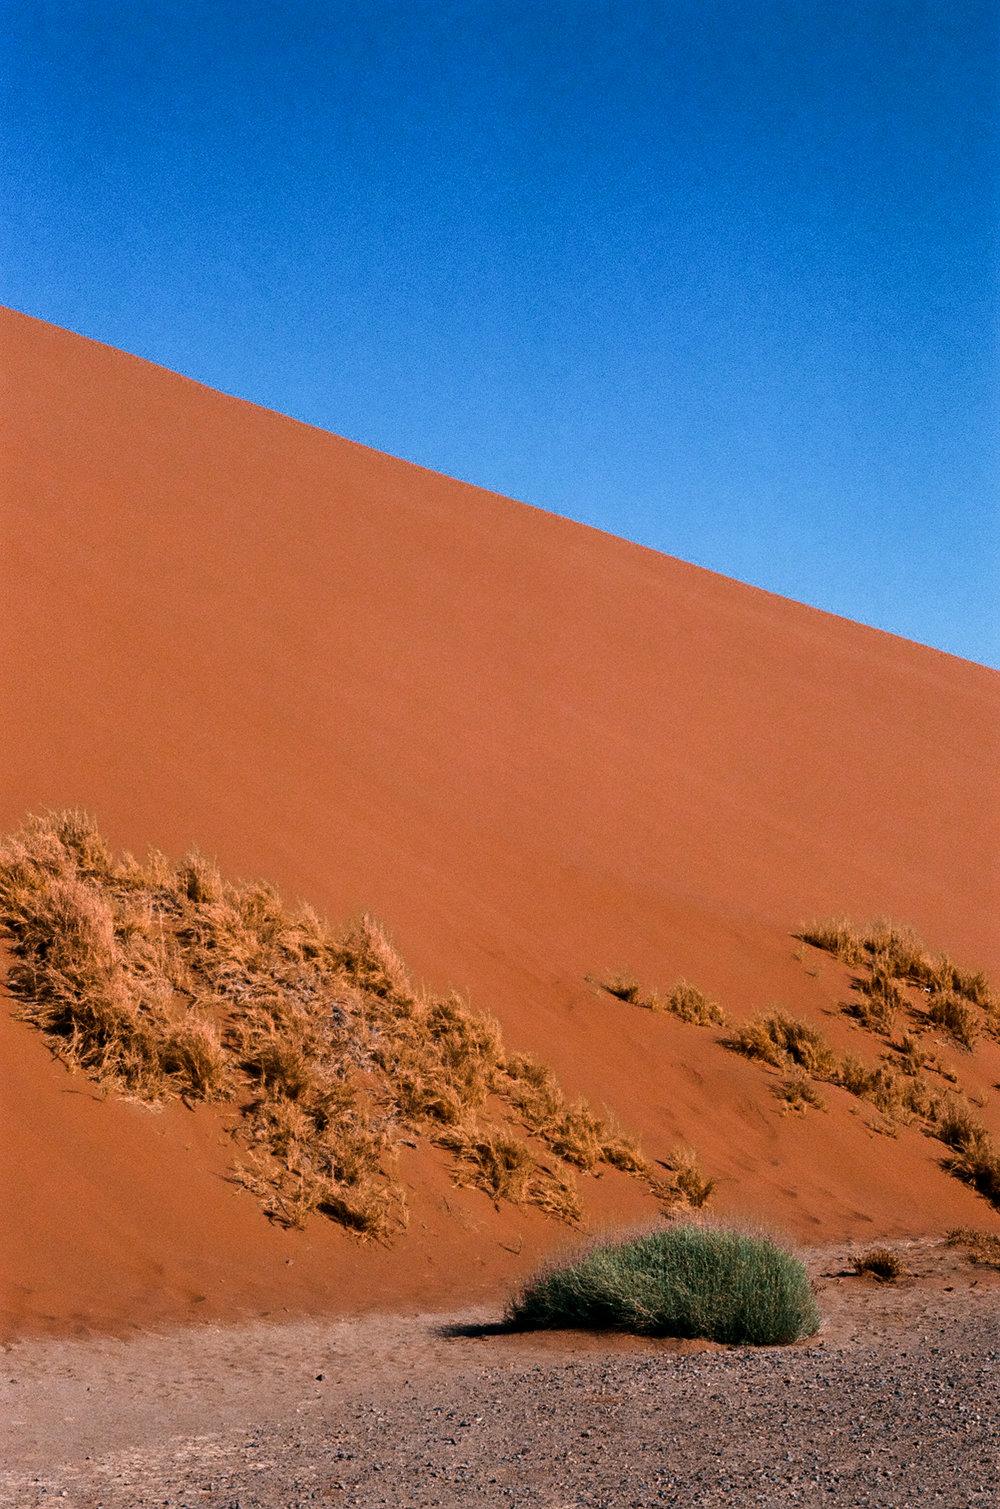 35mm Namibia 2018 _ Edited -67.jpg